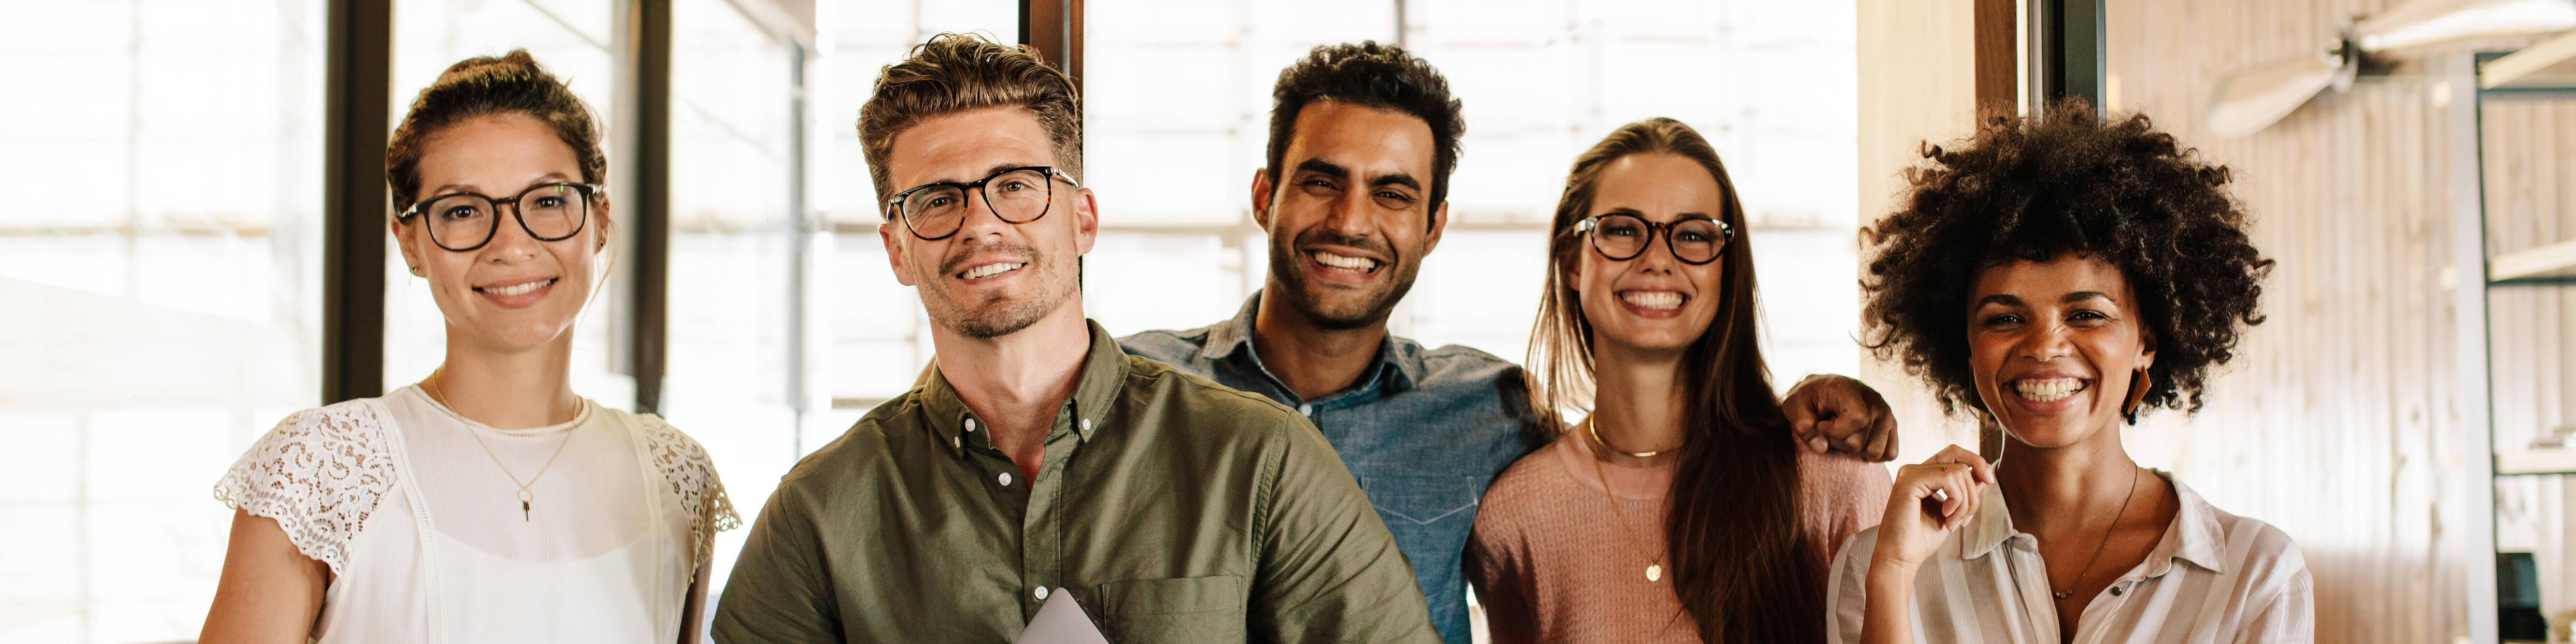 RecruitingMillennials_website